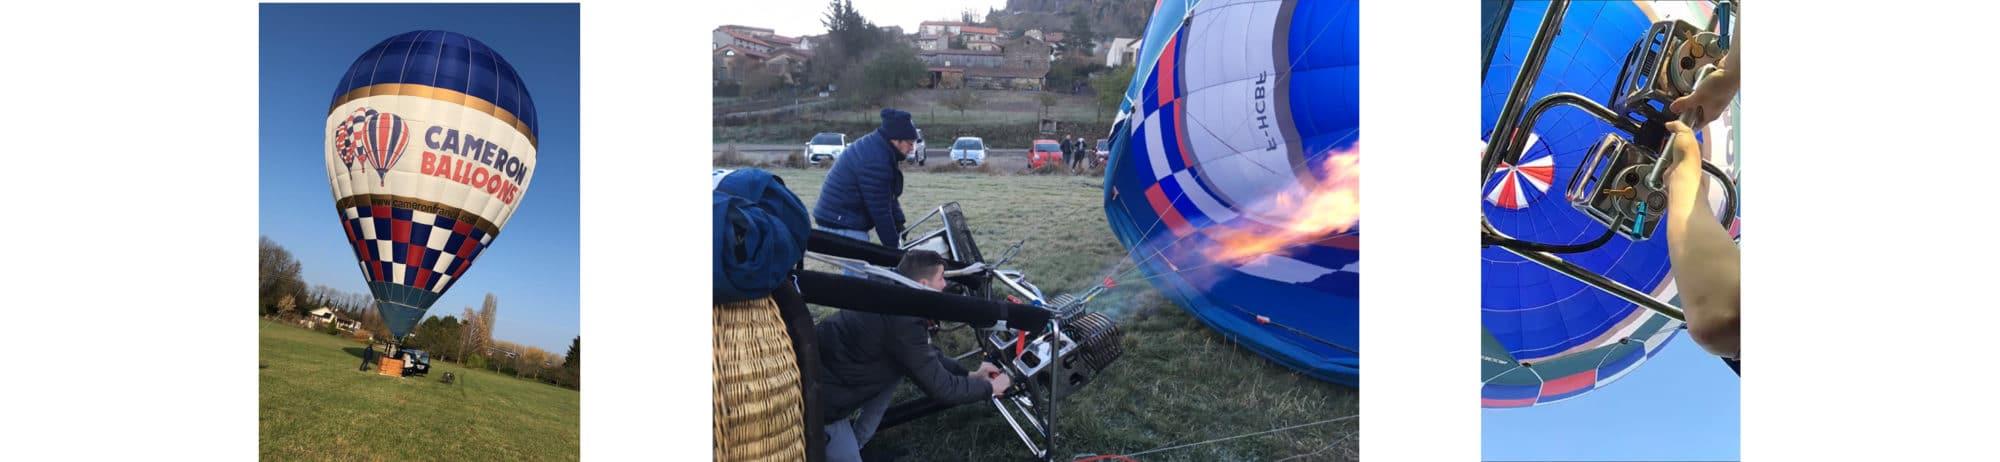 Formation au pilotage de ballon à Air Chaud à Dole